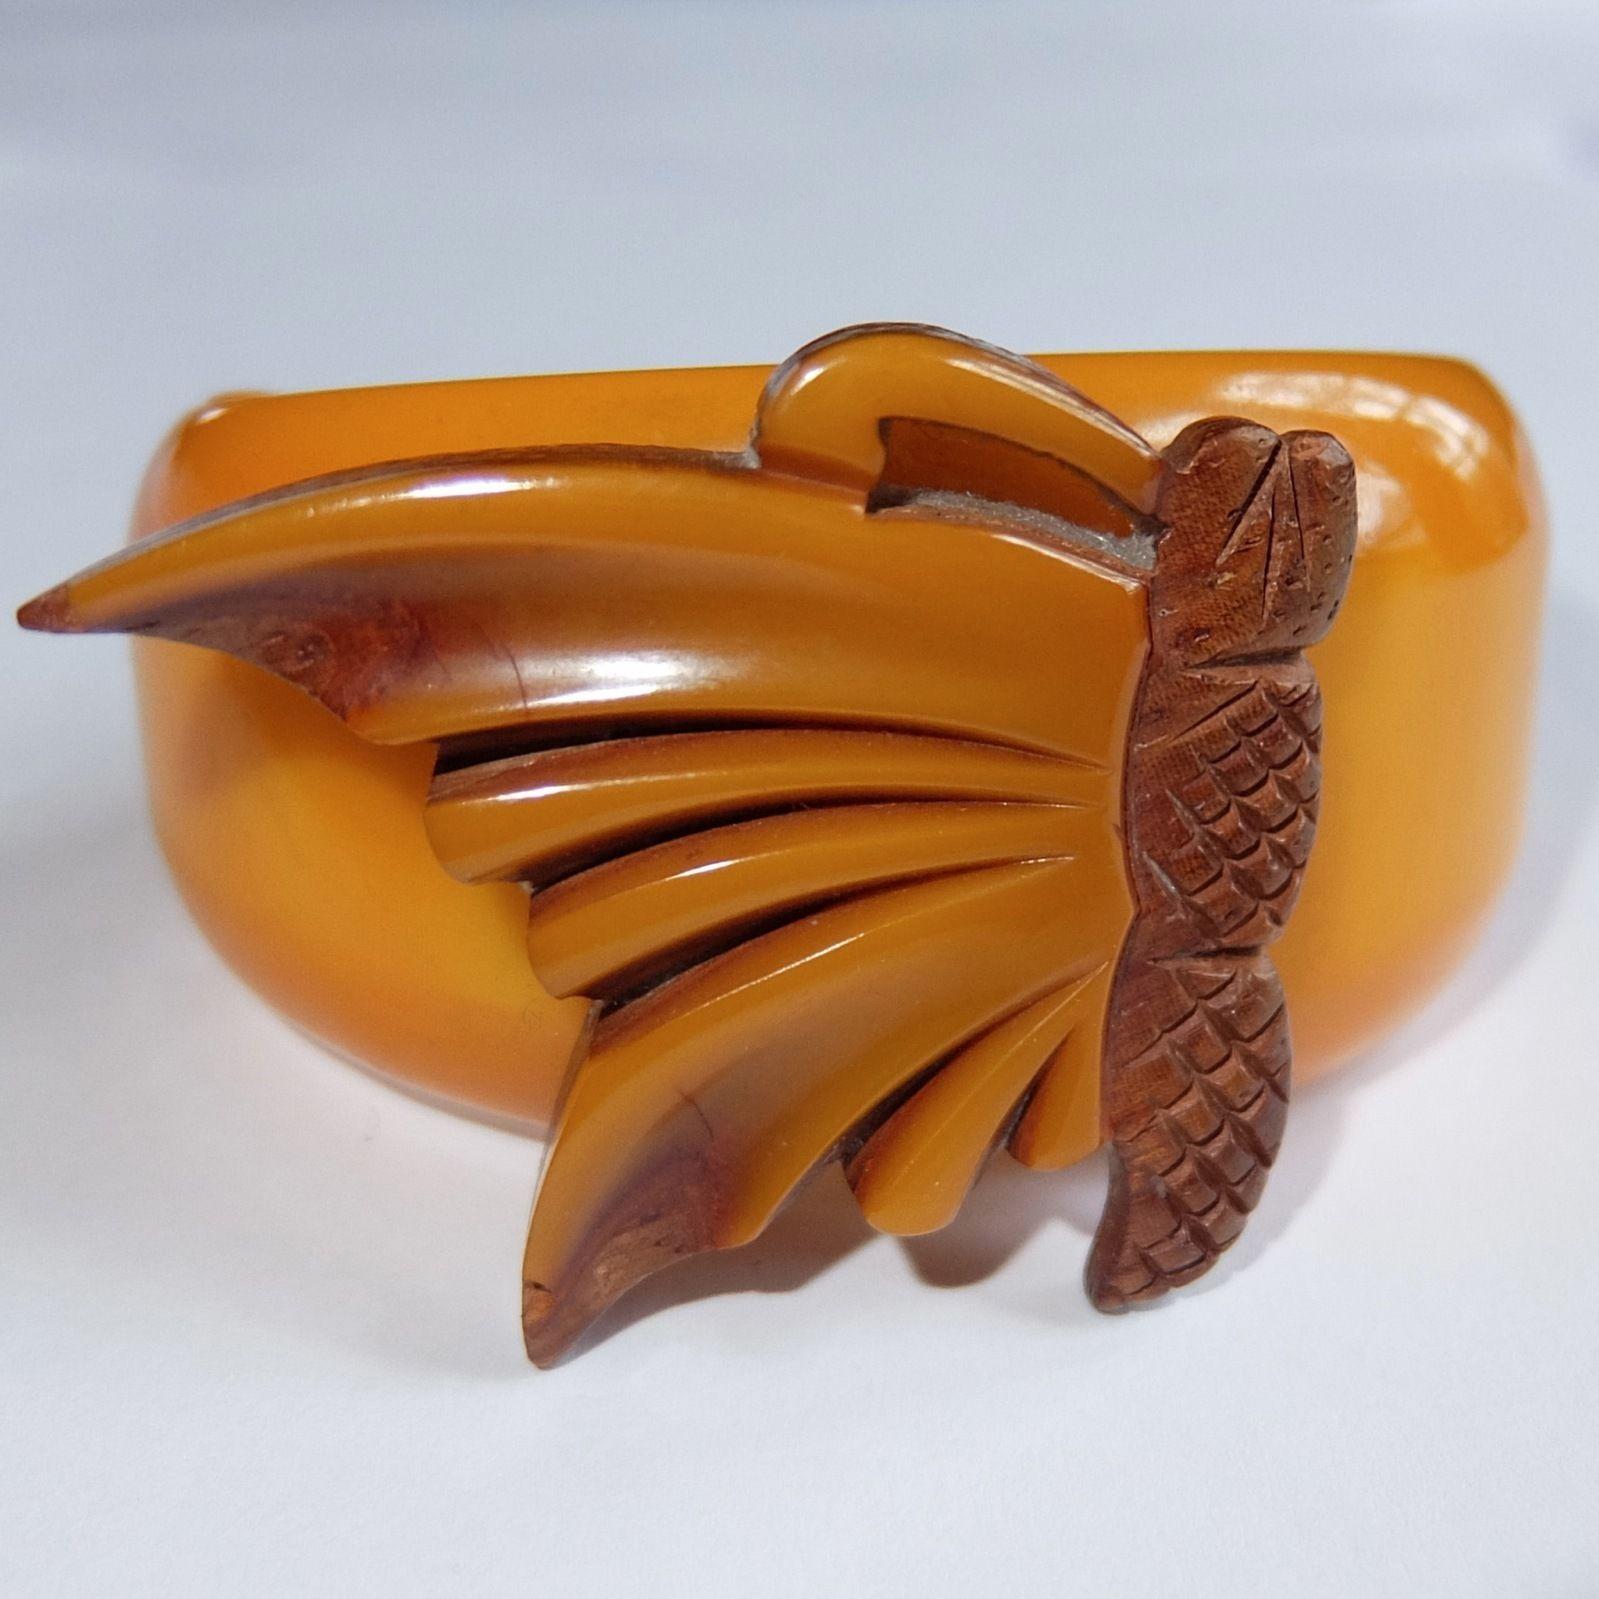 Vintage Bakelite Set~1960s Bakelite /& Wood Bangle~Bakelite and Wood Earrings